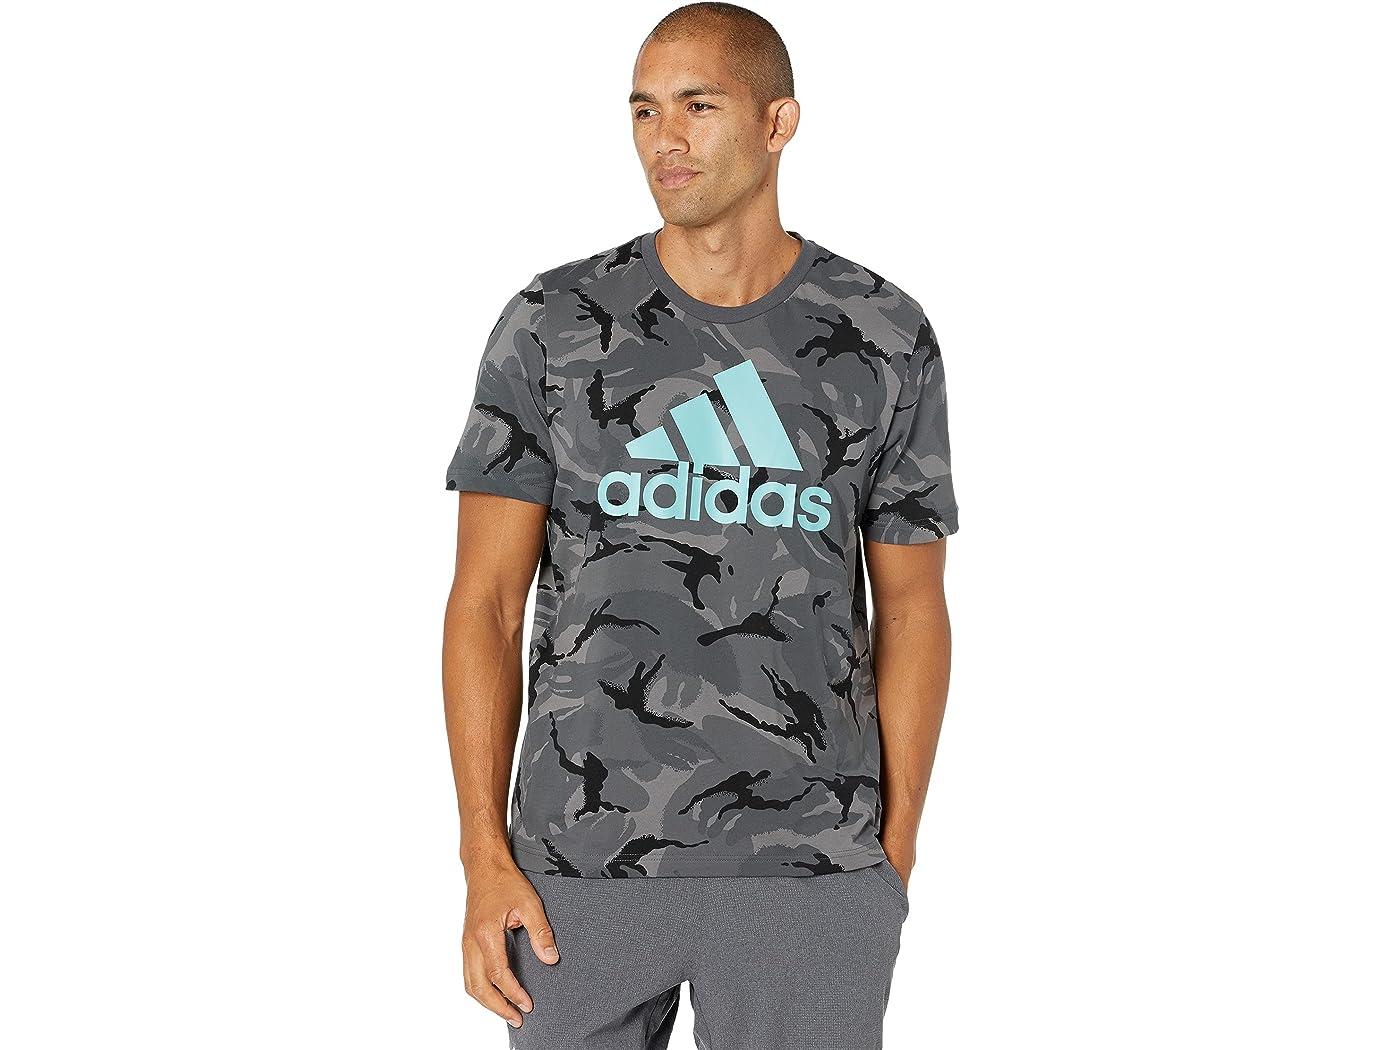 Adidas Camo All Over Print Tee